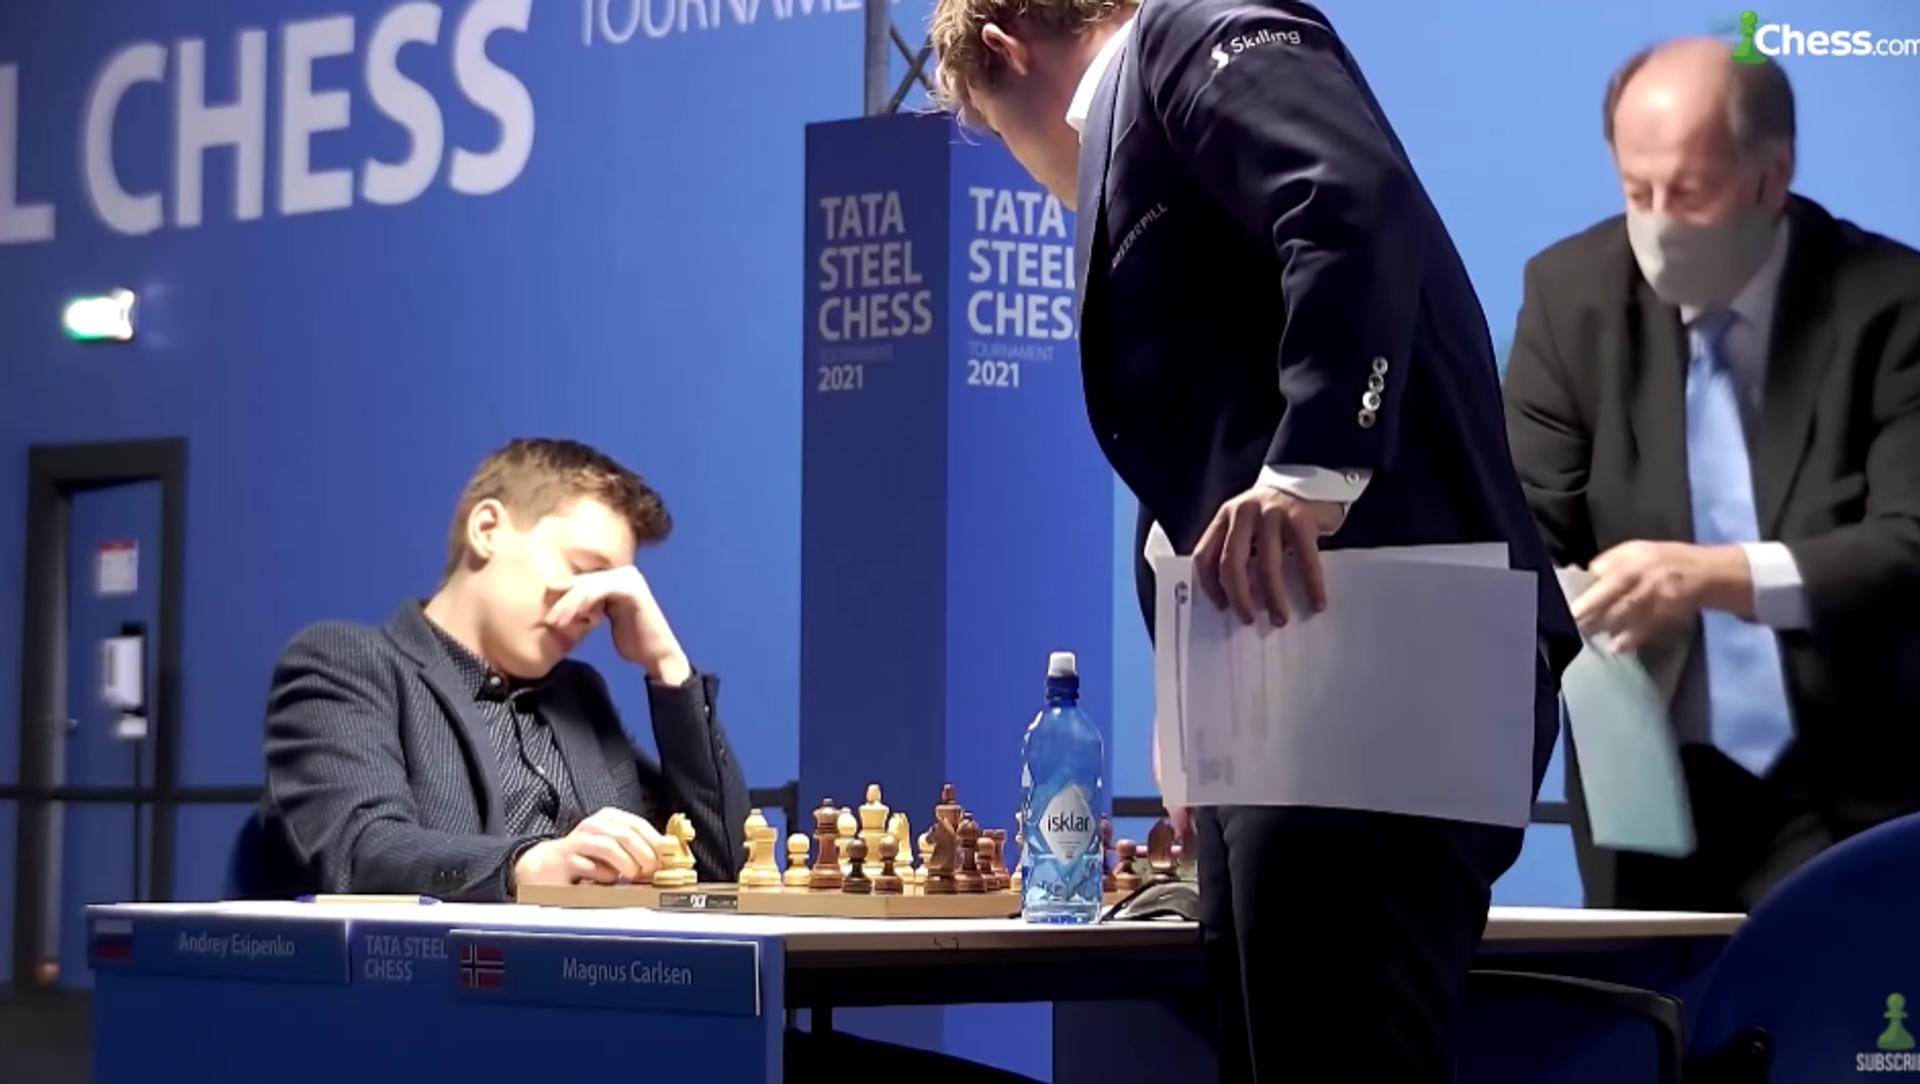 Ruski šahista Andrej Esipenko, levo, posle pobede nad Magnusom Karlsenom, desno - Sputnik Srbija, 1920, 04.02.2021